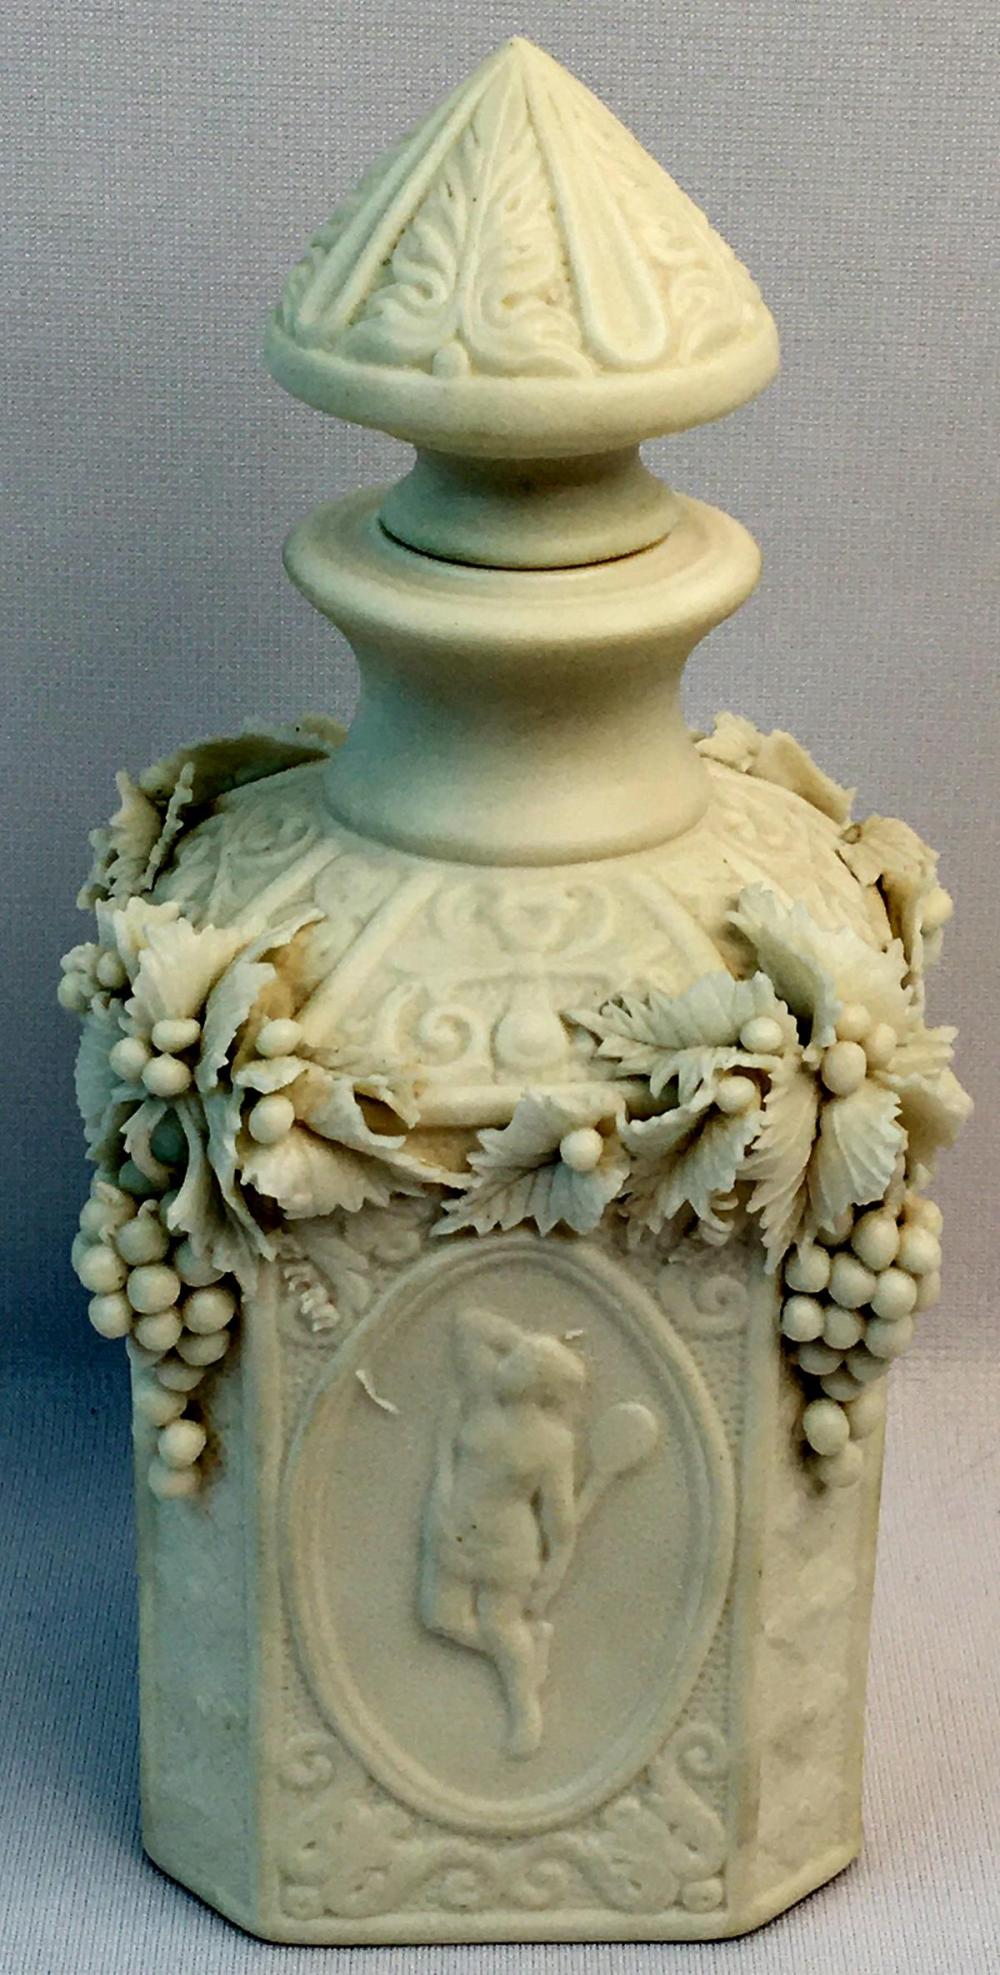 RARE Antique c. 1850 Bennington Parian Porcelain Cologne Bottle w/ Stopper